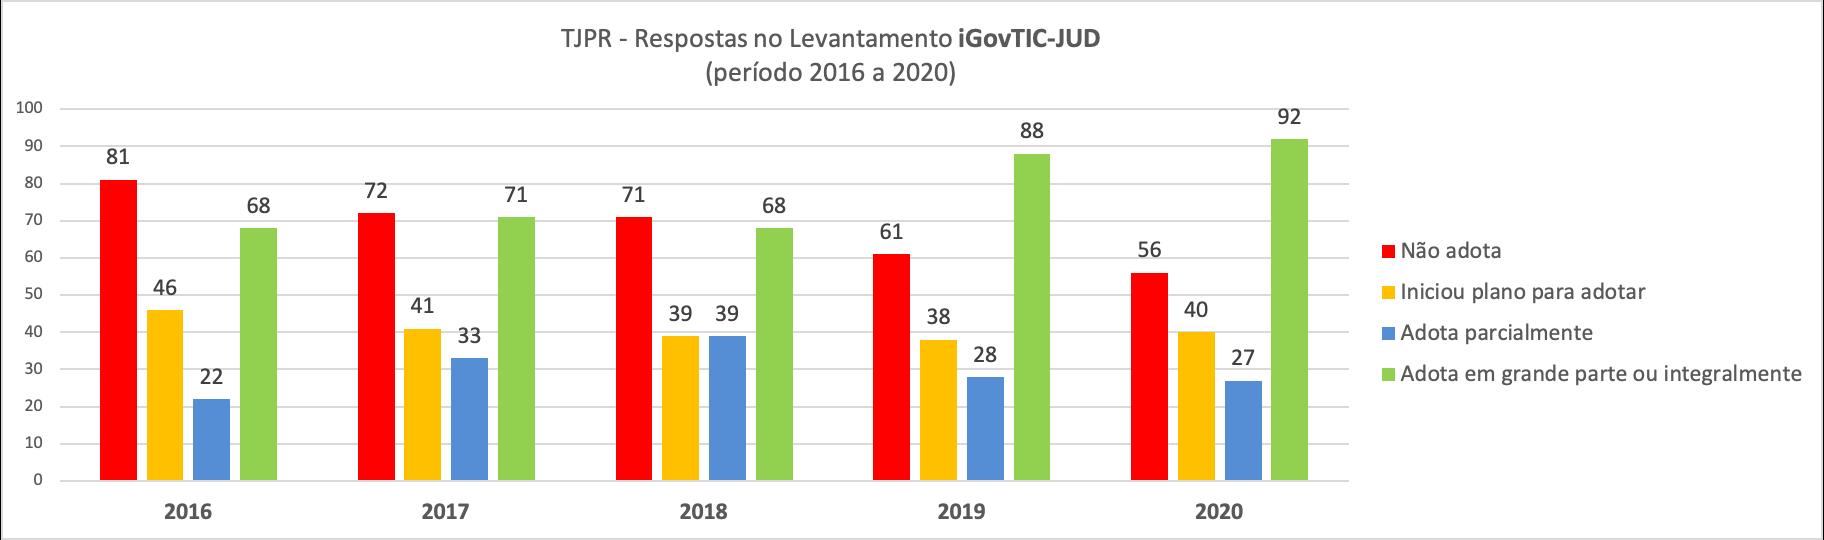 Evolução das Respostas do TJPR no iGovTIC-JUD desde 2016